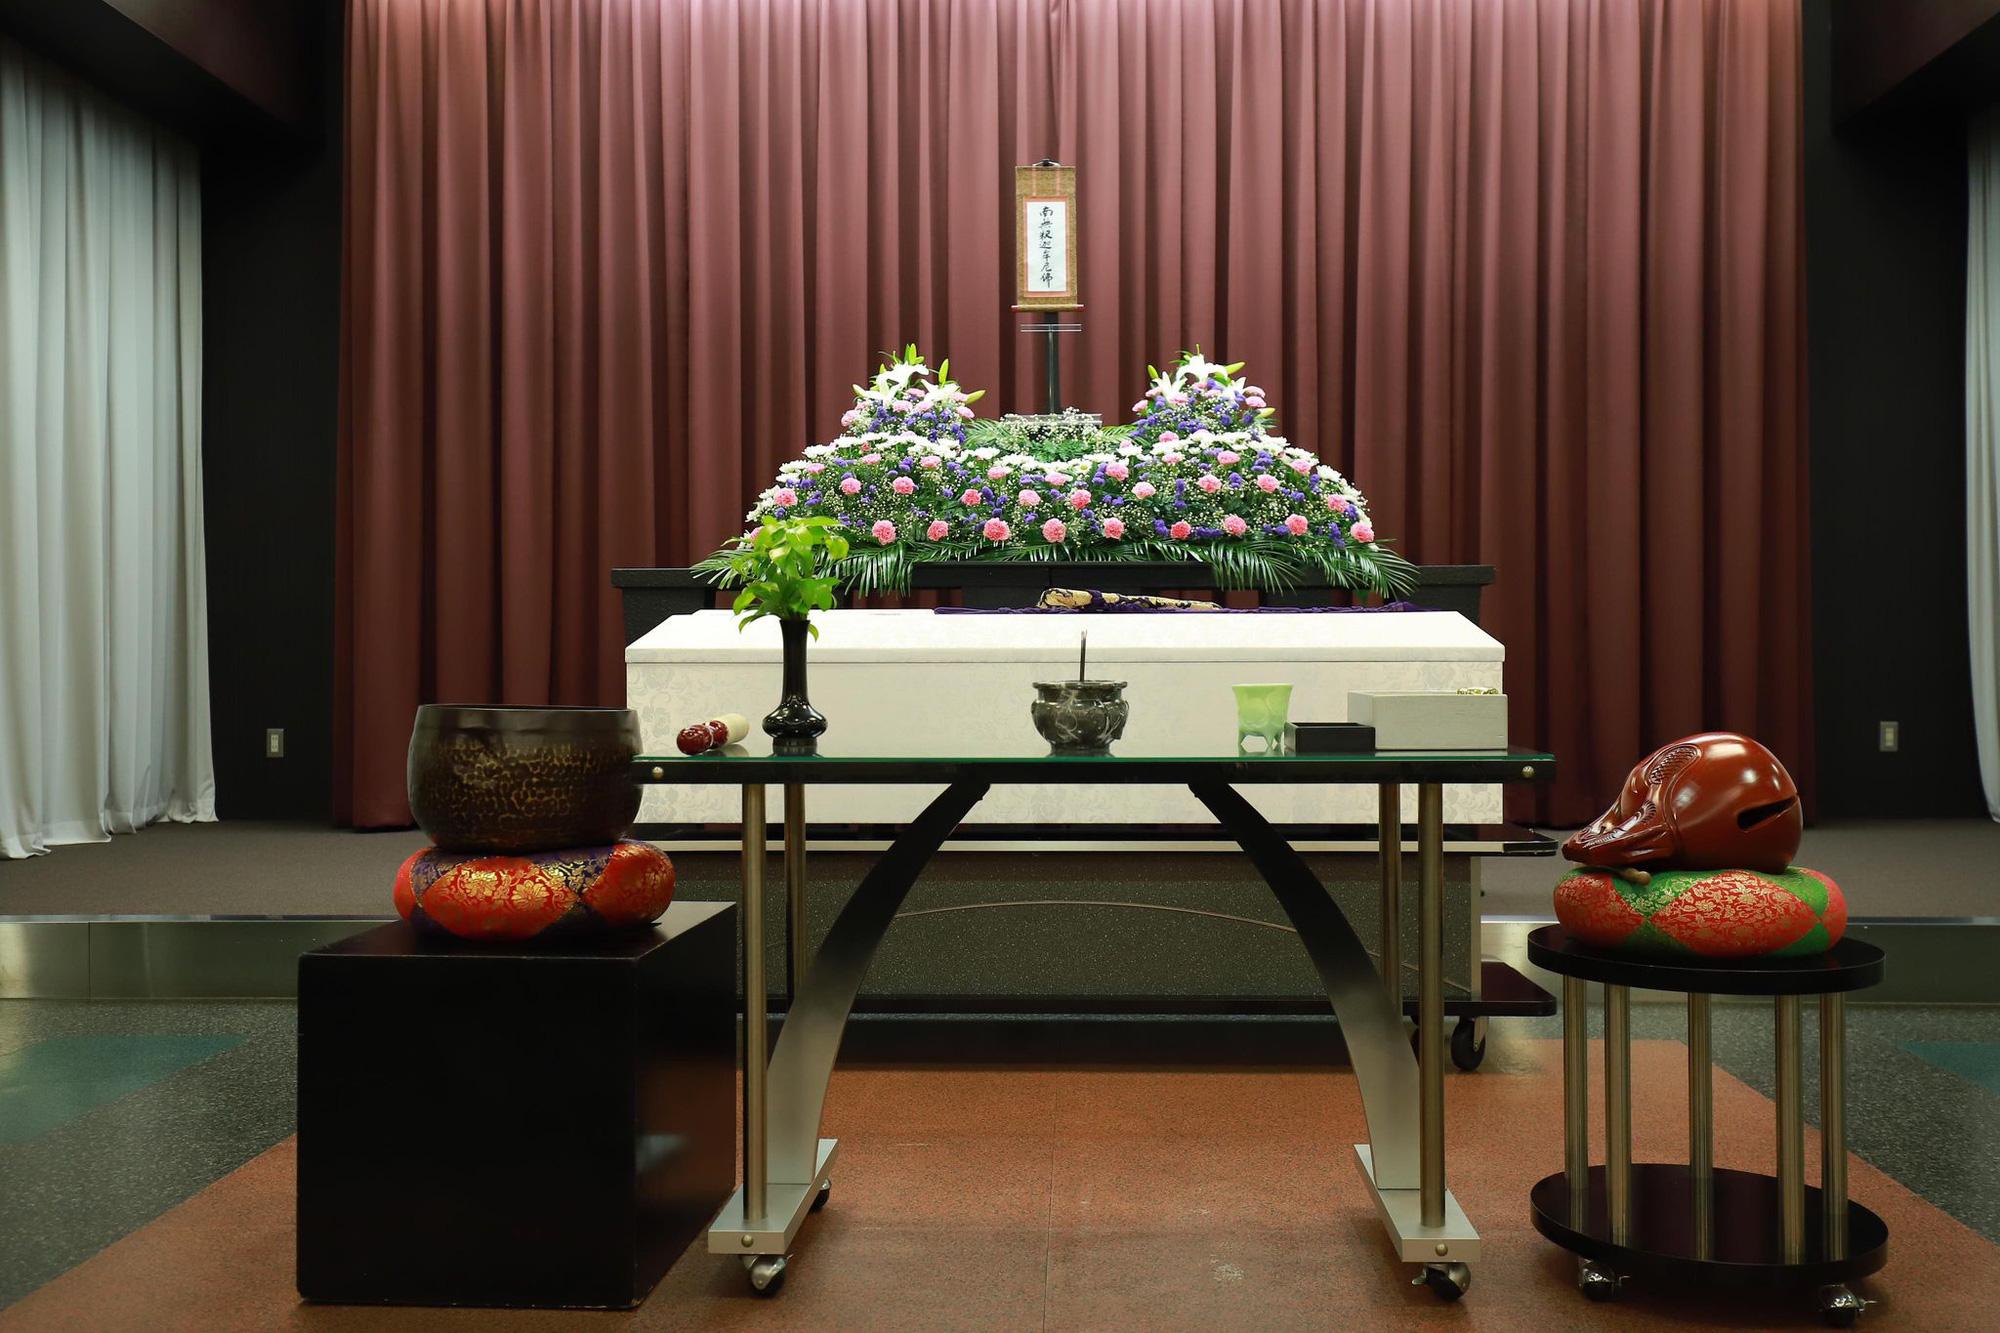 Xúc động cảnh bên trong buổi tang lễ của nam du học sinh Việt tử vong tại Nhật, hoa và mọi thứ đã đầy đủ, chỉ mong sớm được gặp người thân vào lúc này-4